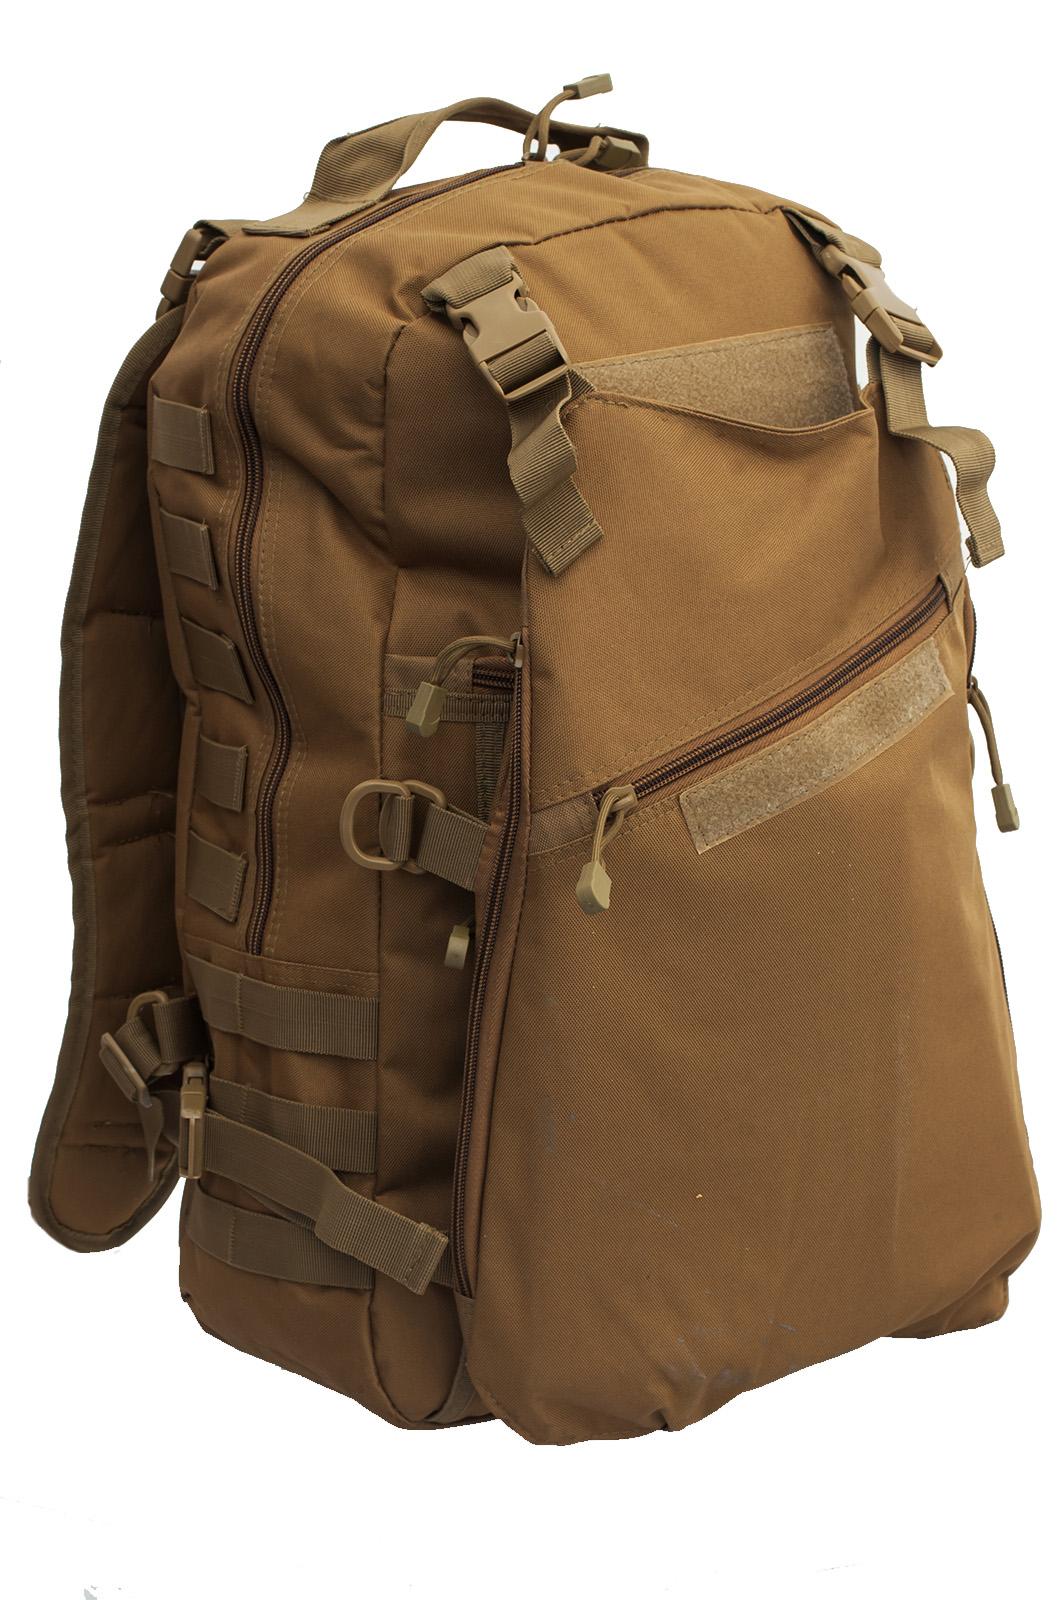 Тактическое снаряжение и рюкзаки для военных